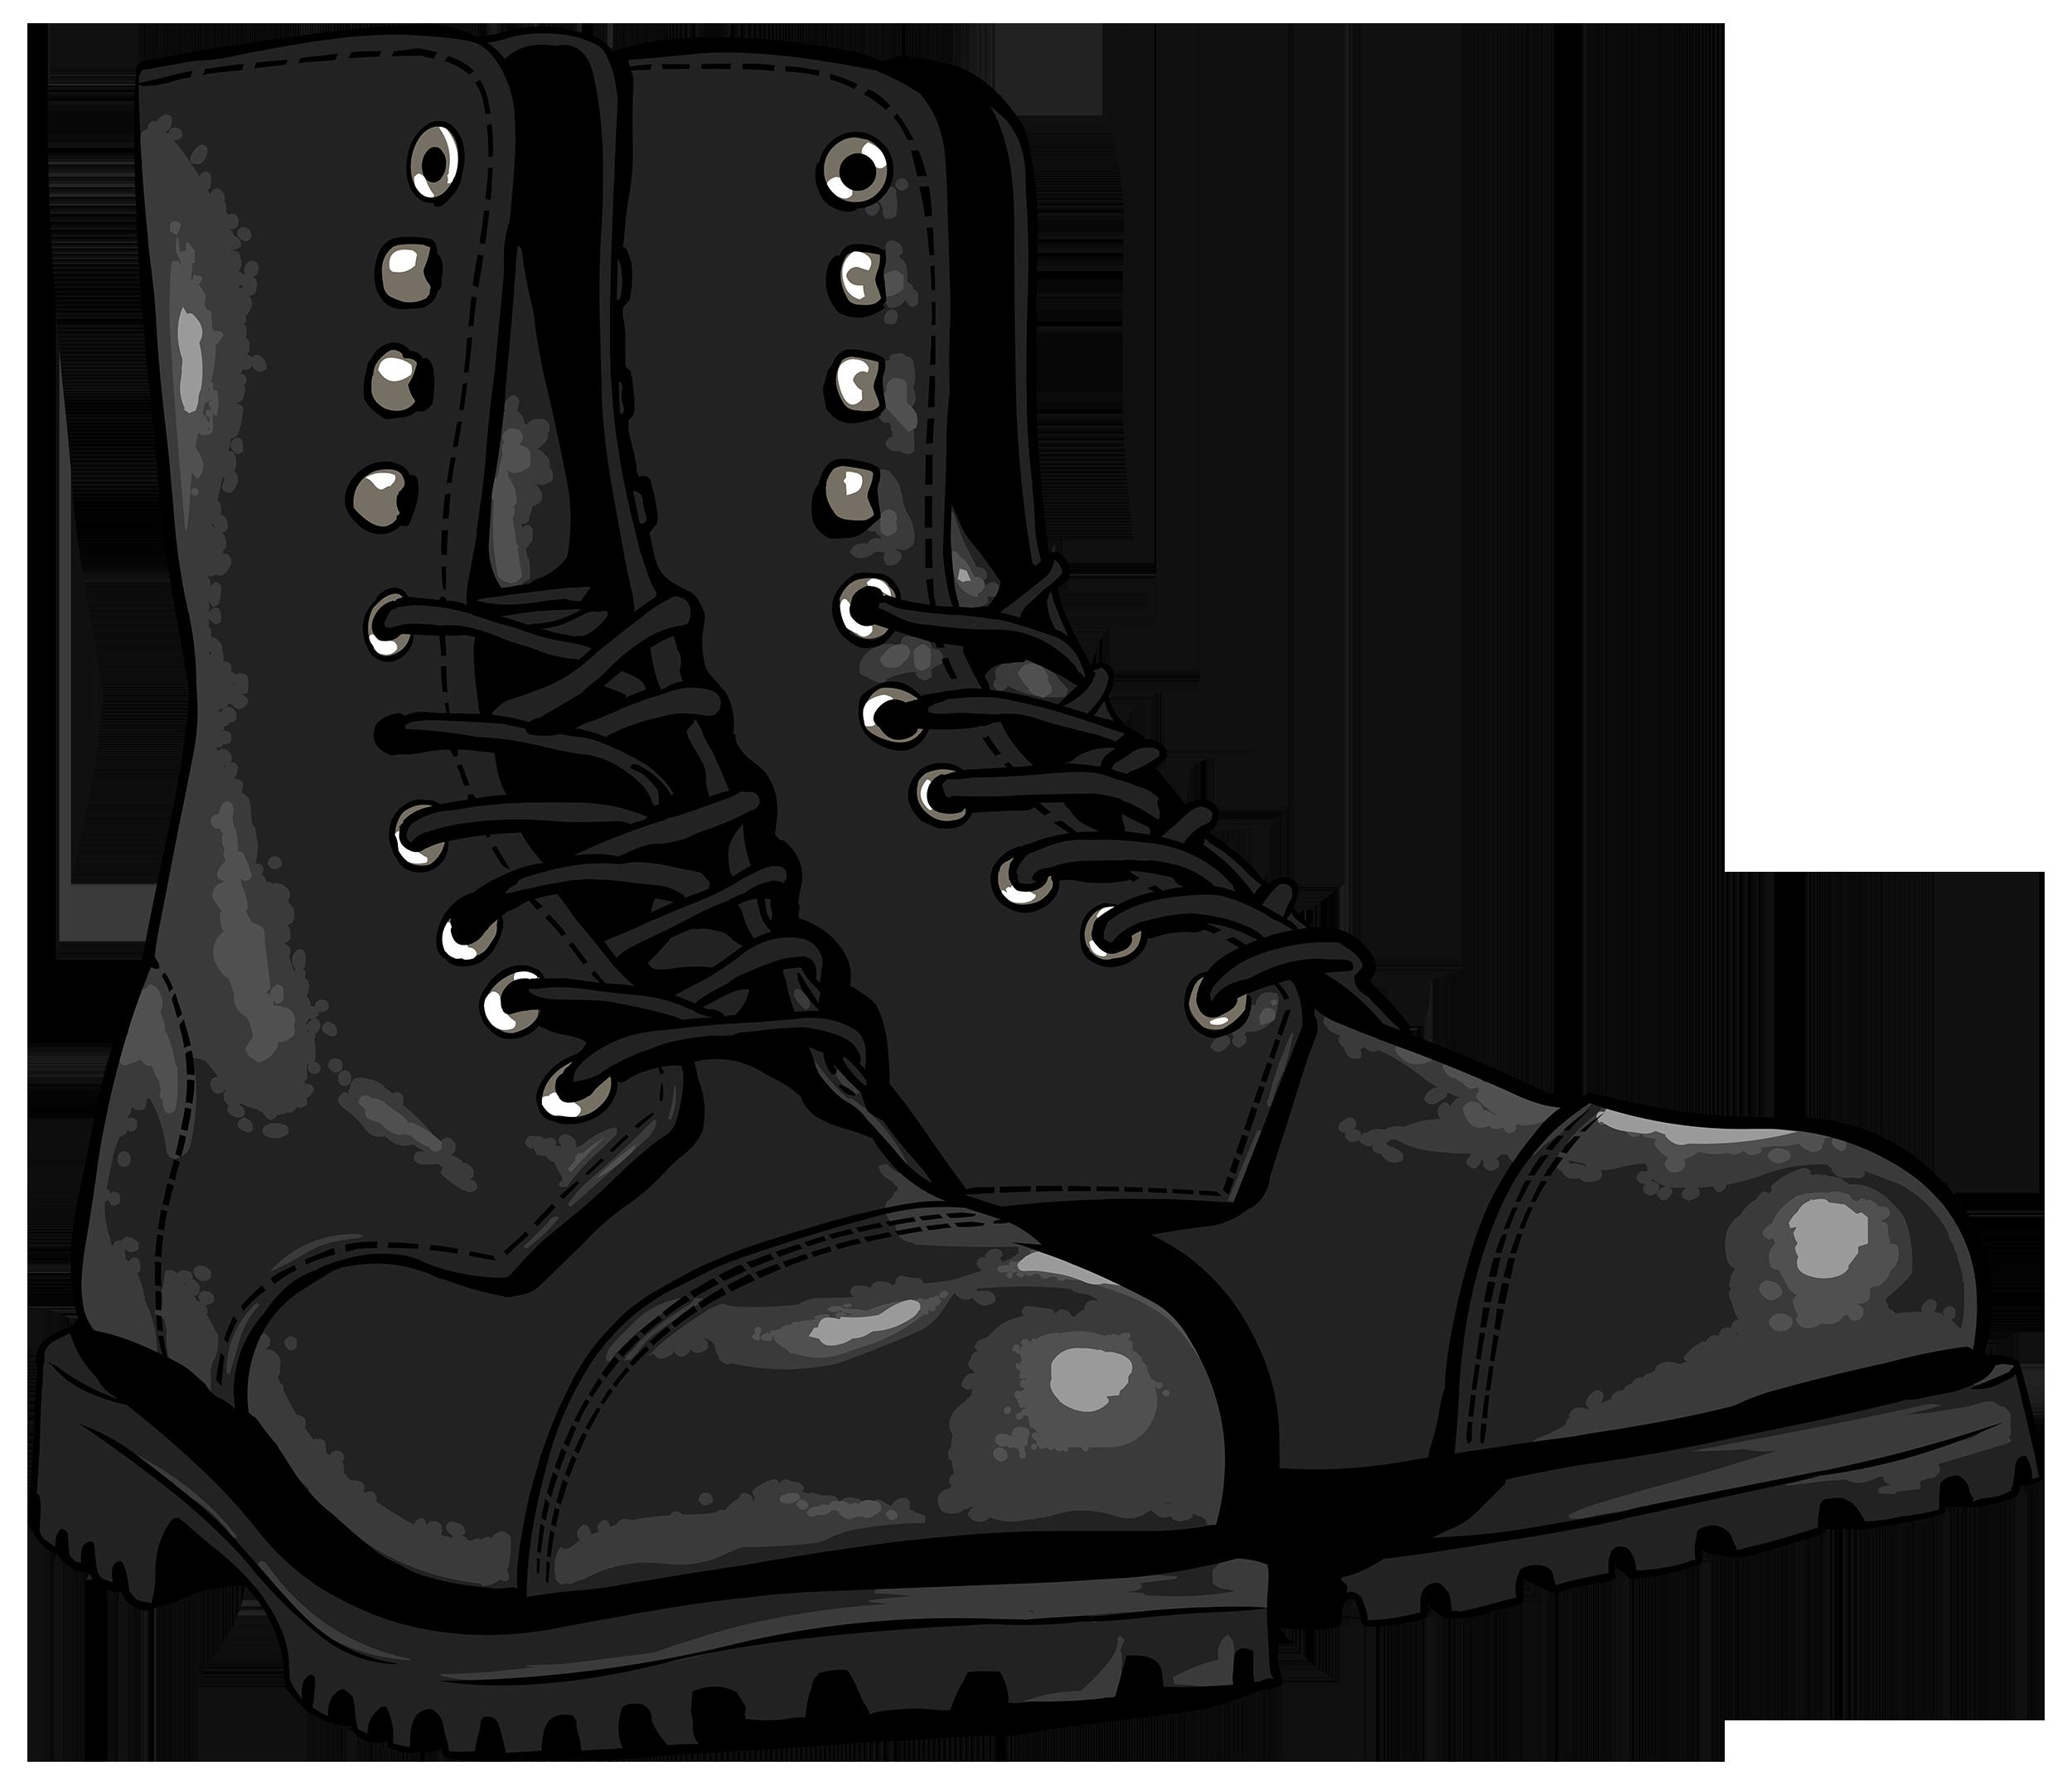 Wet clipart wet shoe. Black boots png image